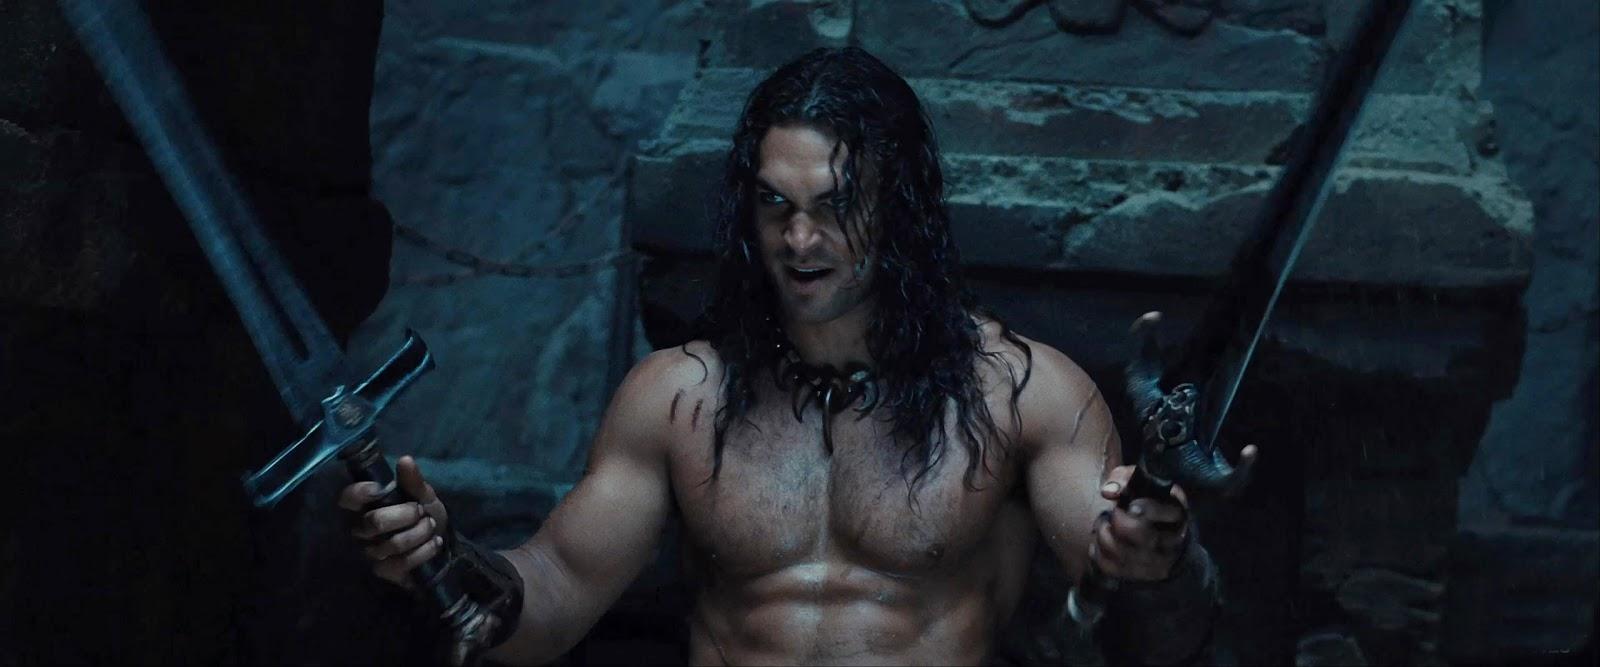 Conan il barbaro  2011  - Jason Momoa  Conan Jason Momoa Conan Body